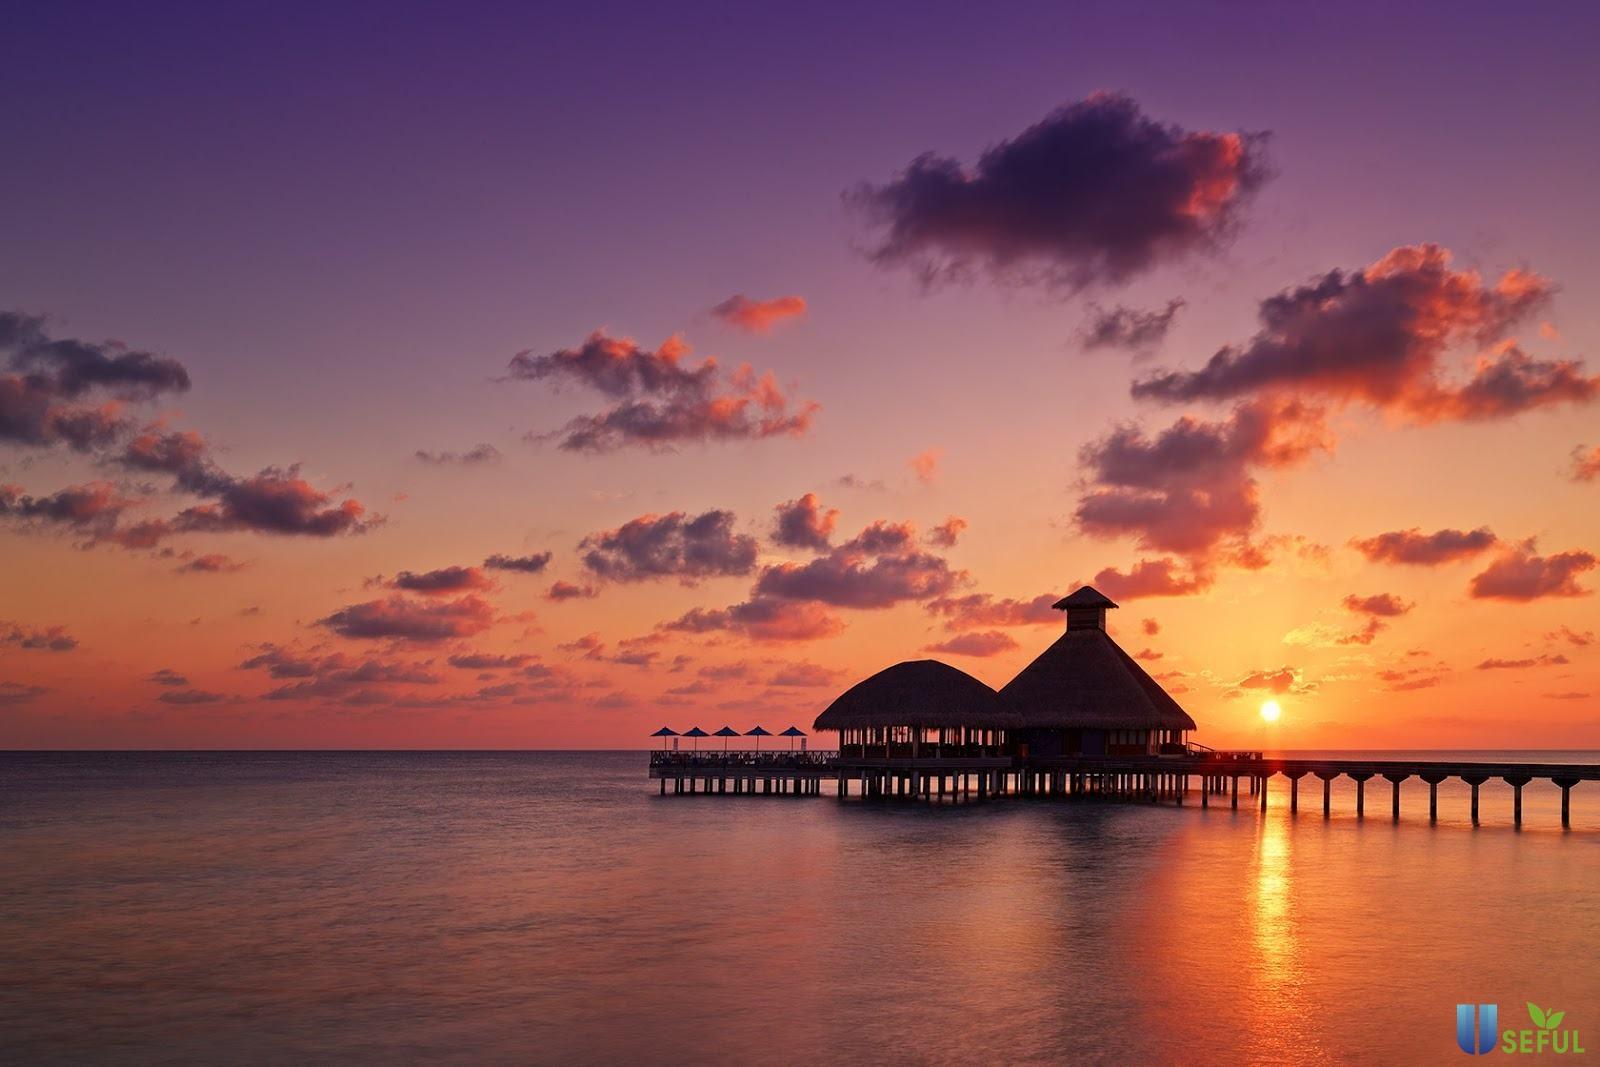 Hoàng hôn đẹp hơn tranh vẽ ở biển Maldives